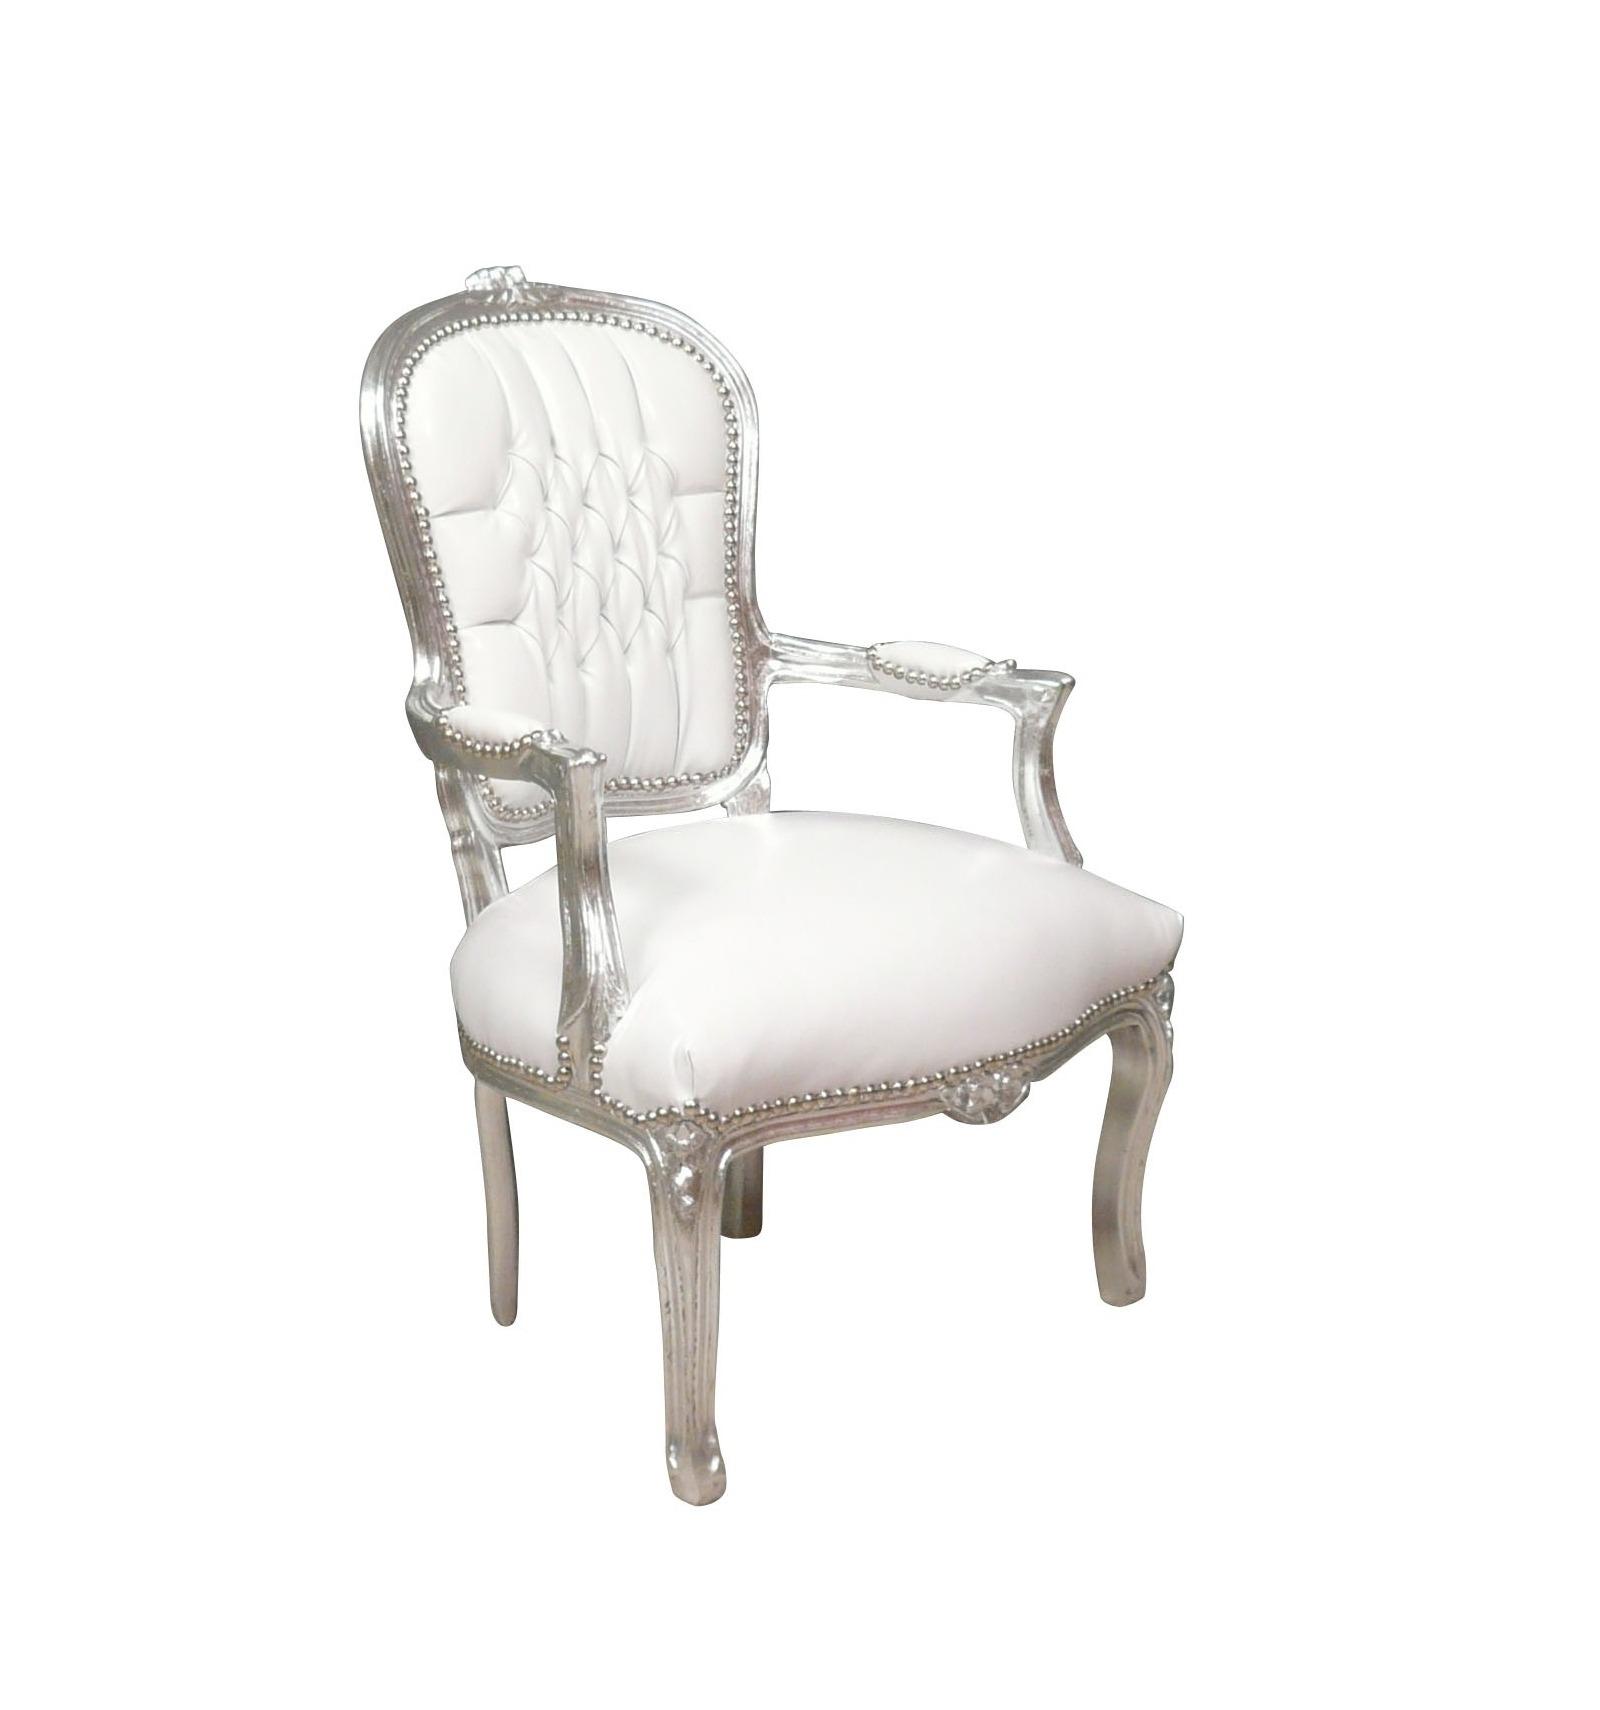 fauteuil baroque louis xv blanc et argent chaise. Black Bedroom Furniture Sets. Home Design Ideas